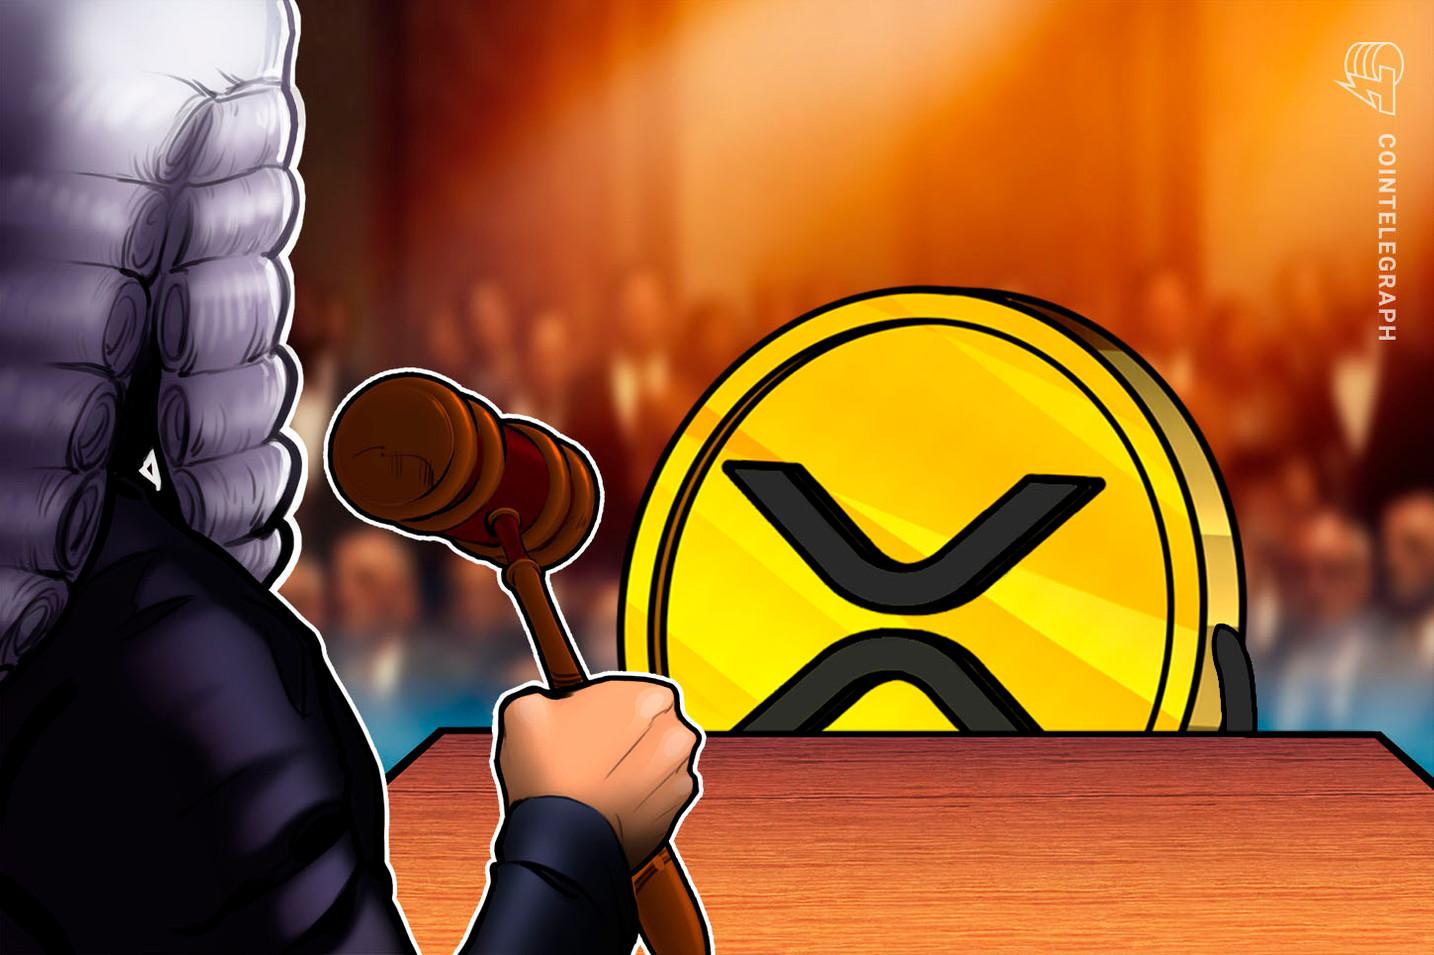 リップル集団訴訟 「仮想通貨XRPが証券でない理論」も想定